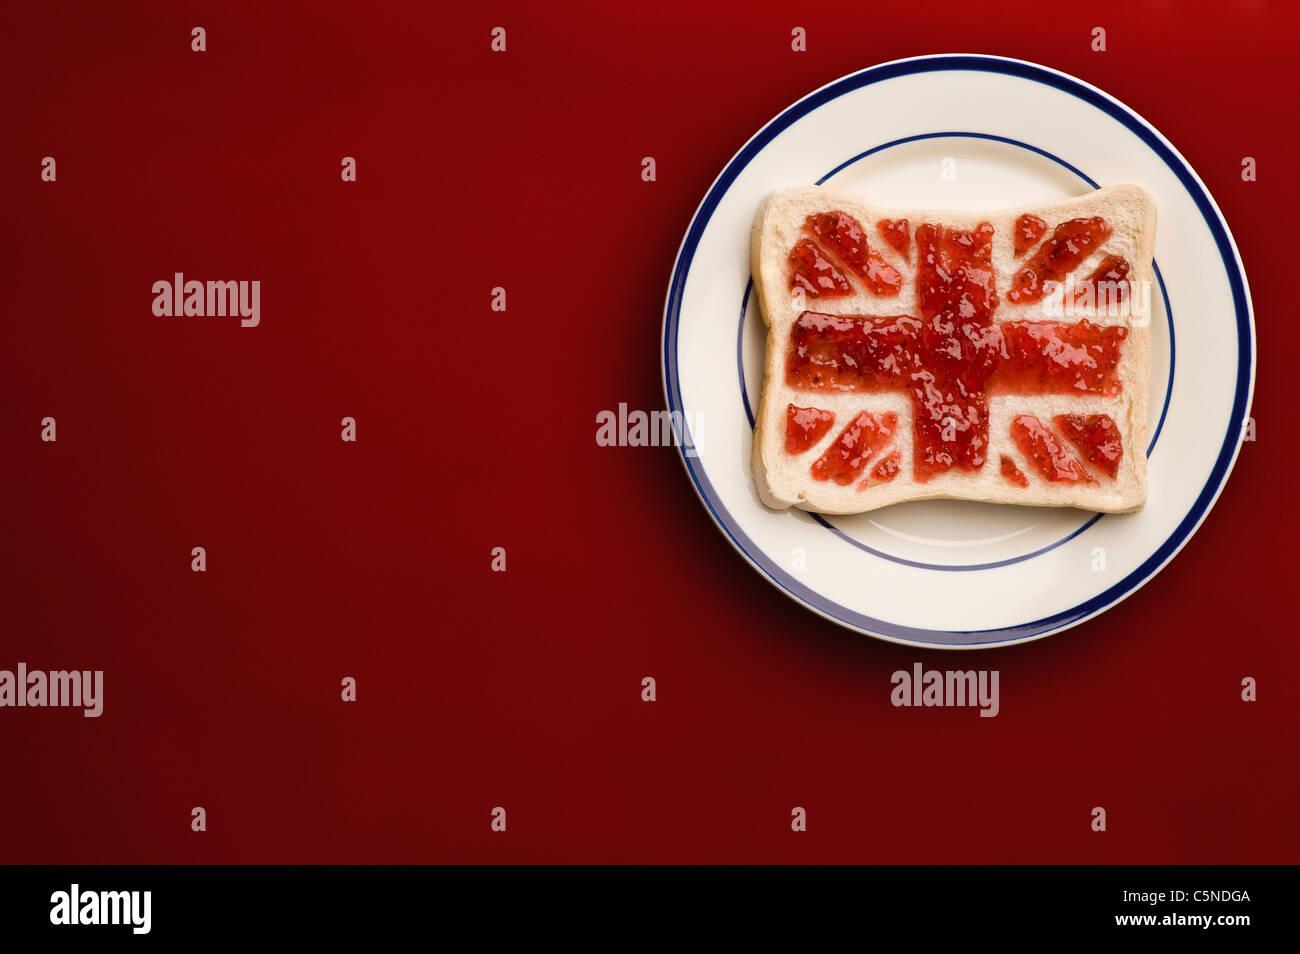 Una fetta di pane con un union jack flag di confettura di fragole Foto Stock